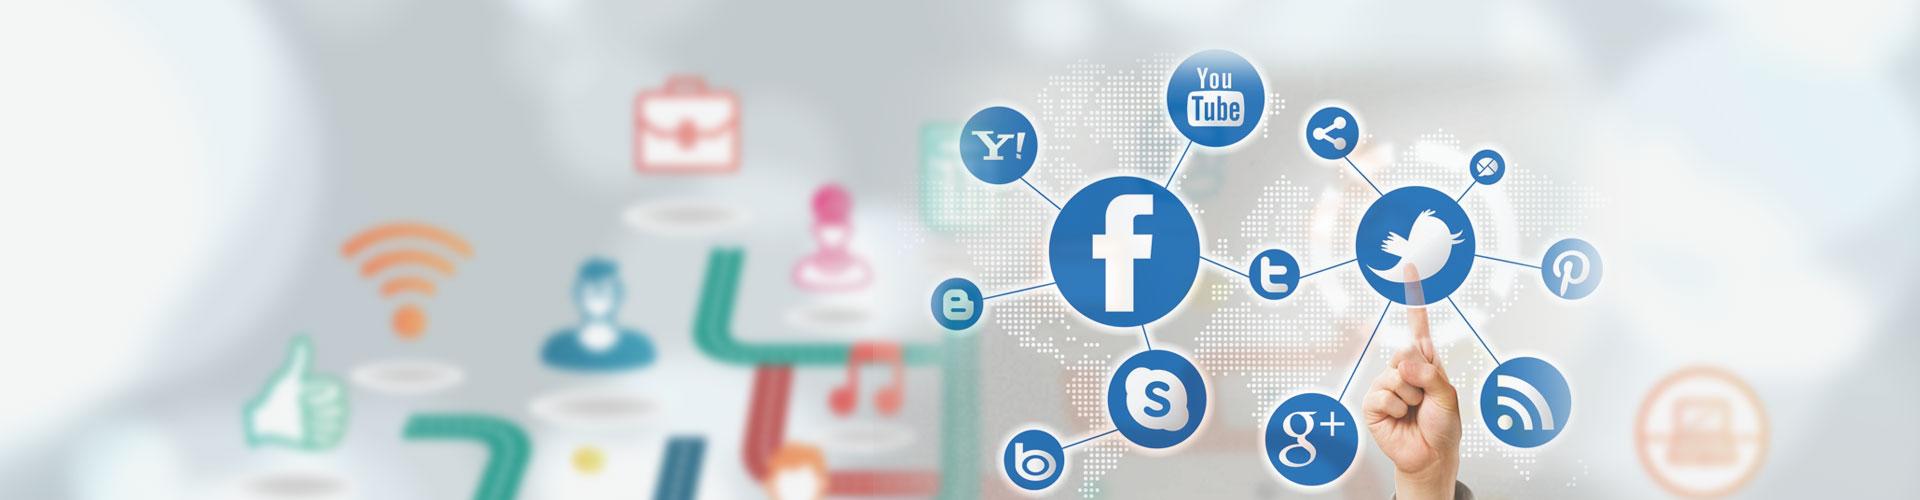 Social Media Script